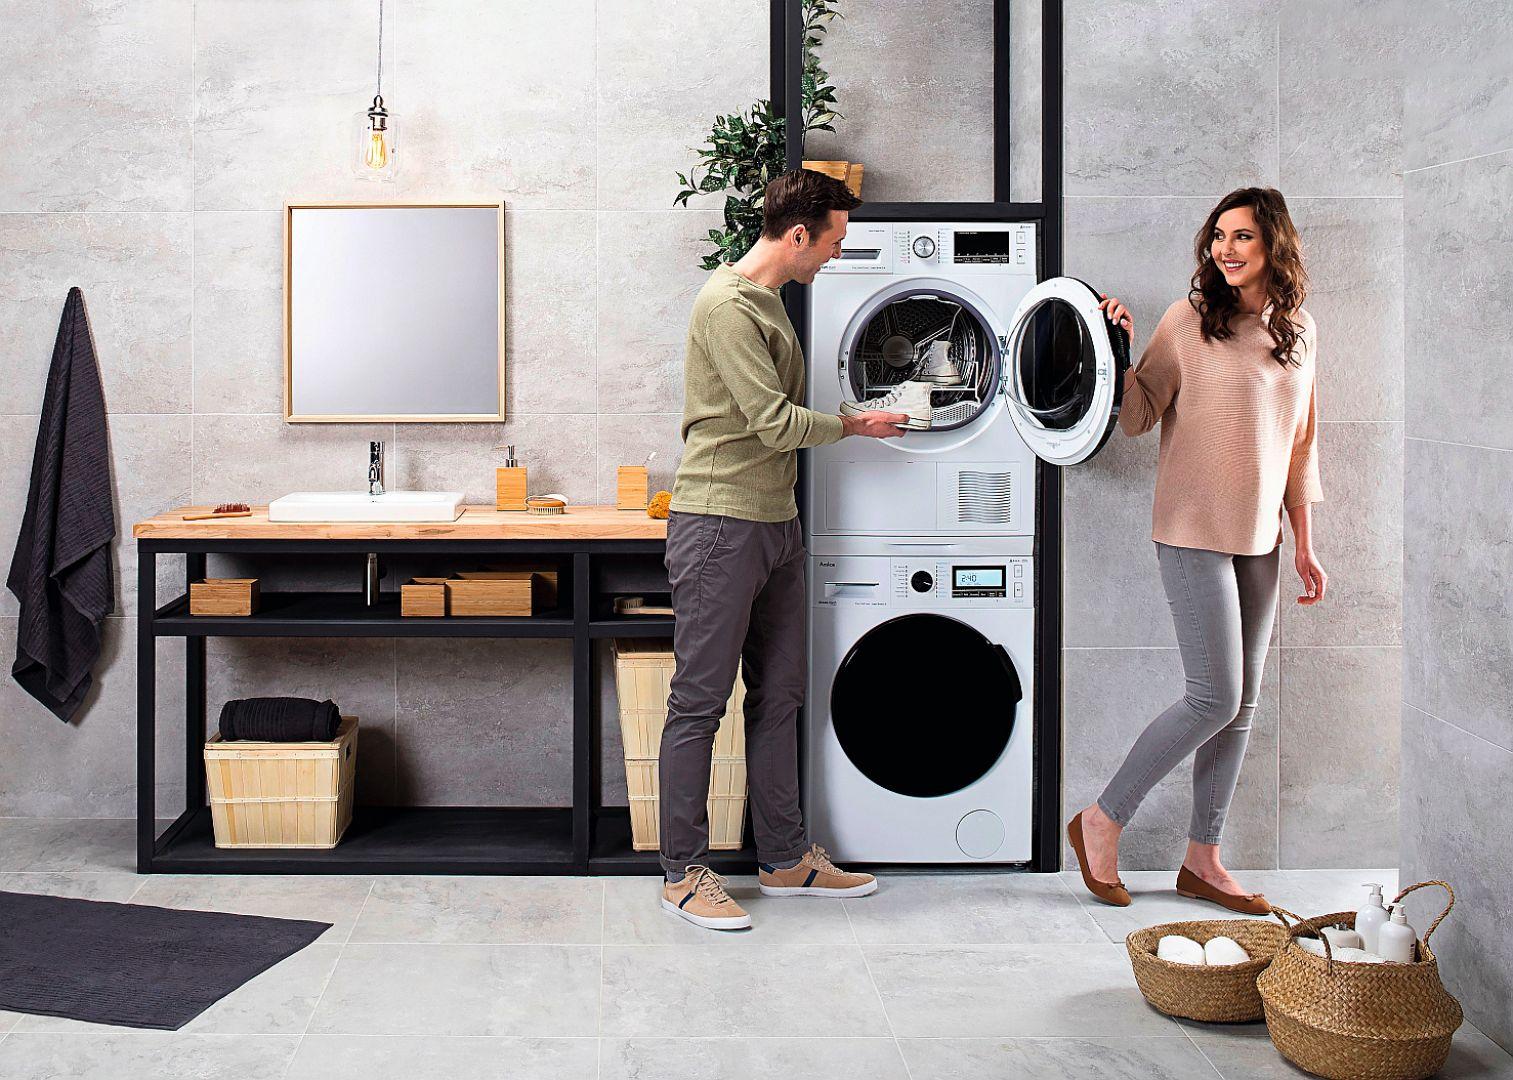 Suszarki z linii Dream Wash oferują system suszenia parowego SteamTouch (w modelu AWD83LCiBT), który zapewnia miękkość tkanin i znacząco redukuje ilość zagnieceń. Dostępne w ofercie firmy Amica. Fot. Amica